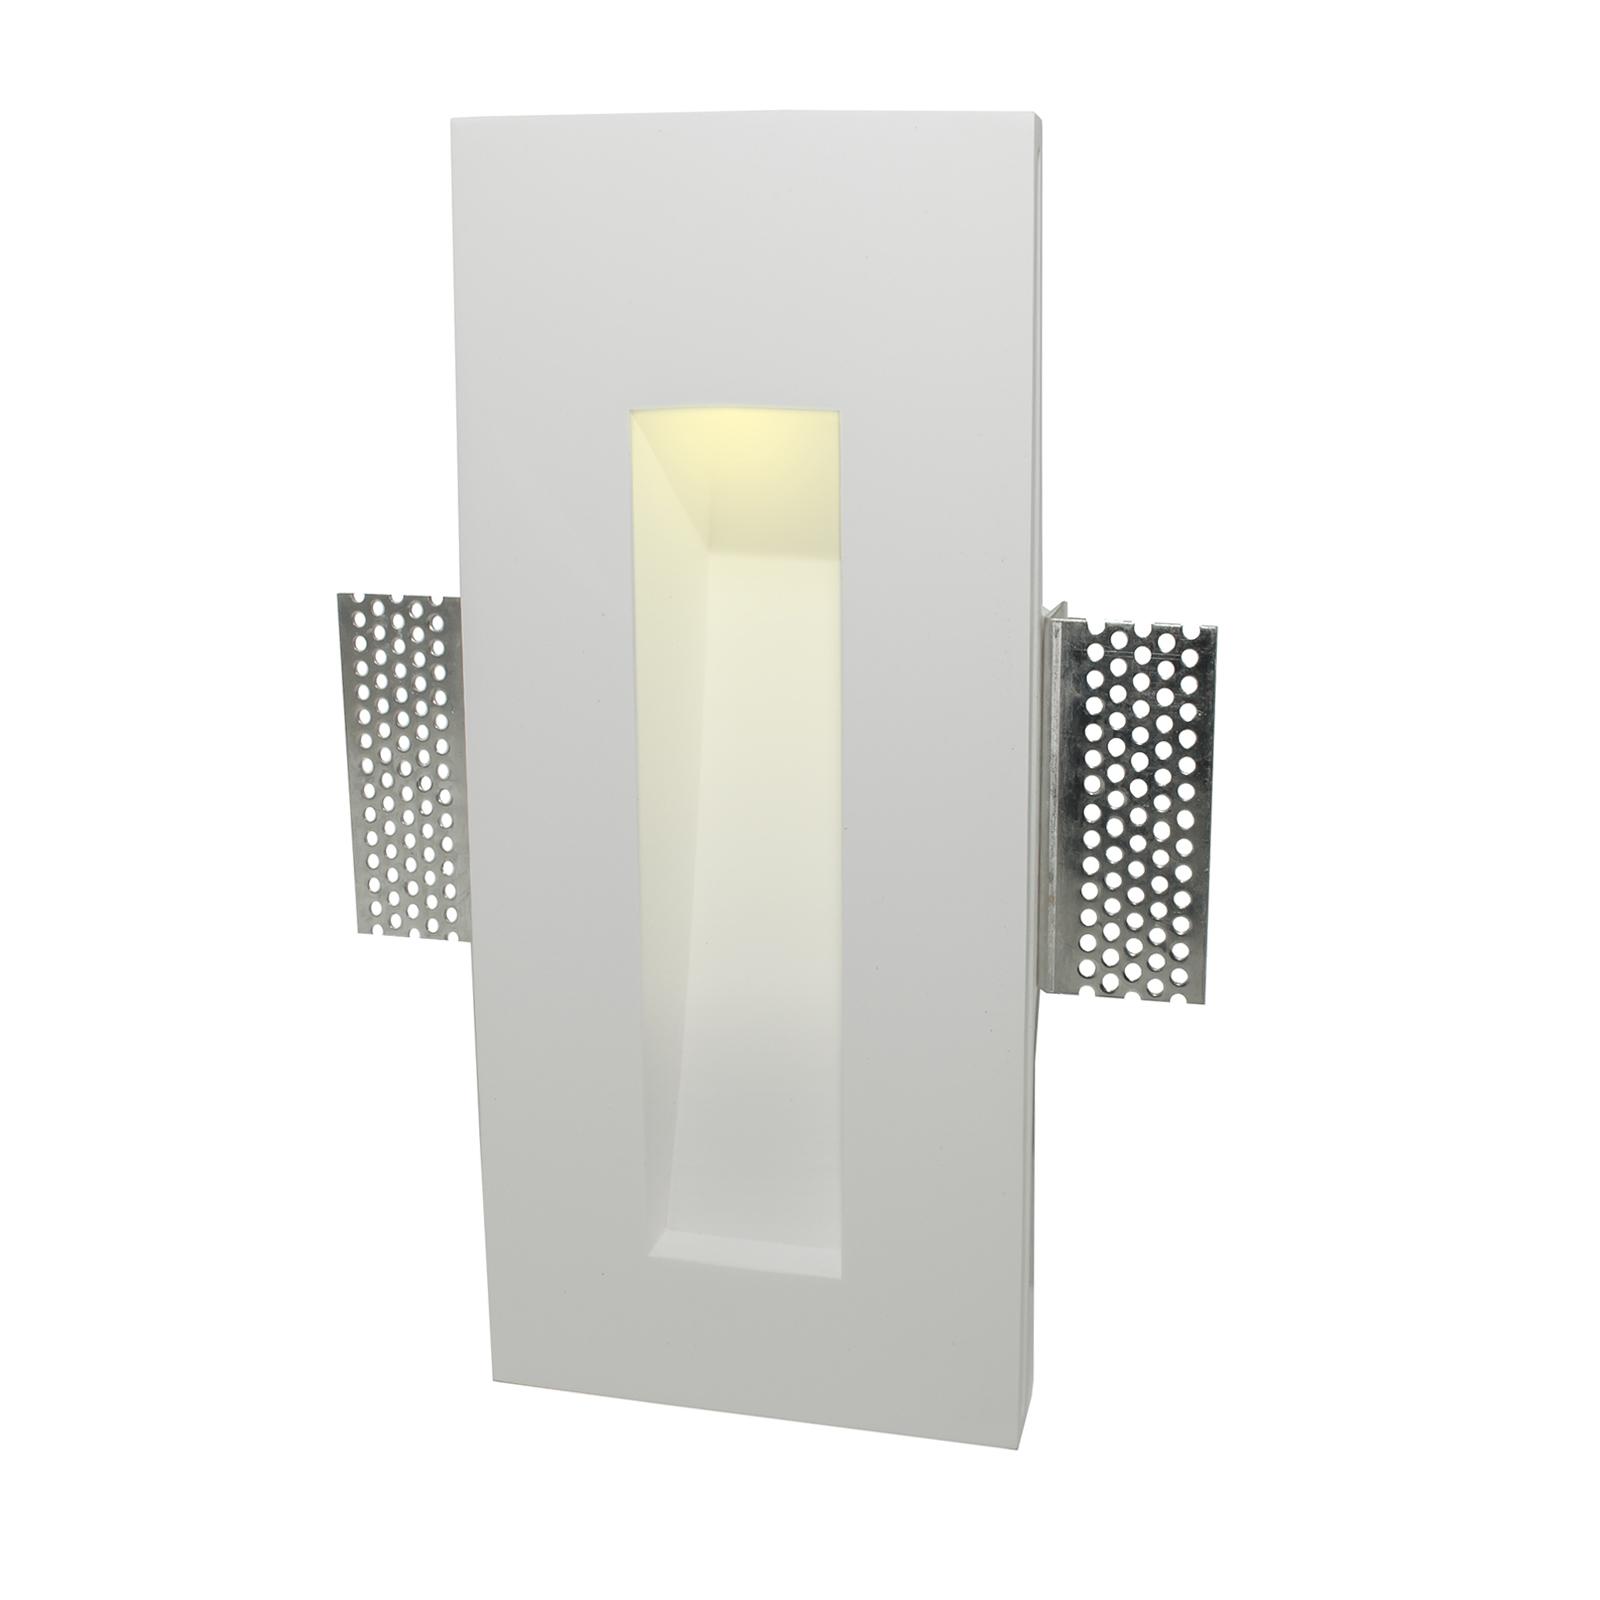 Faretti Incasso Di Gesso luci segnapassi per interno - - segnapassi led ottica